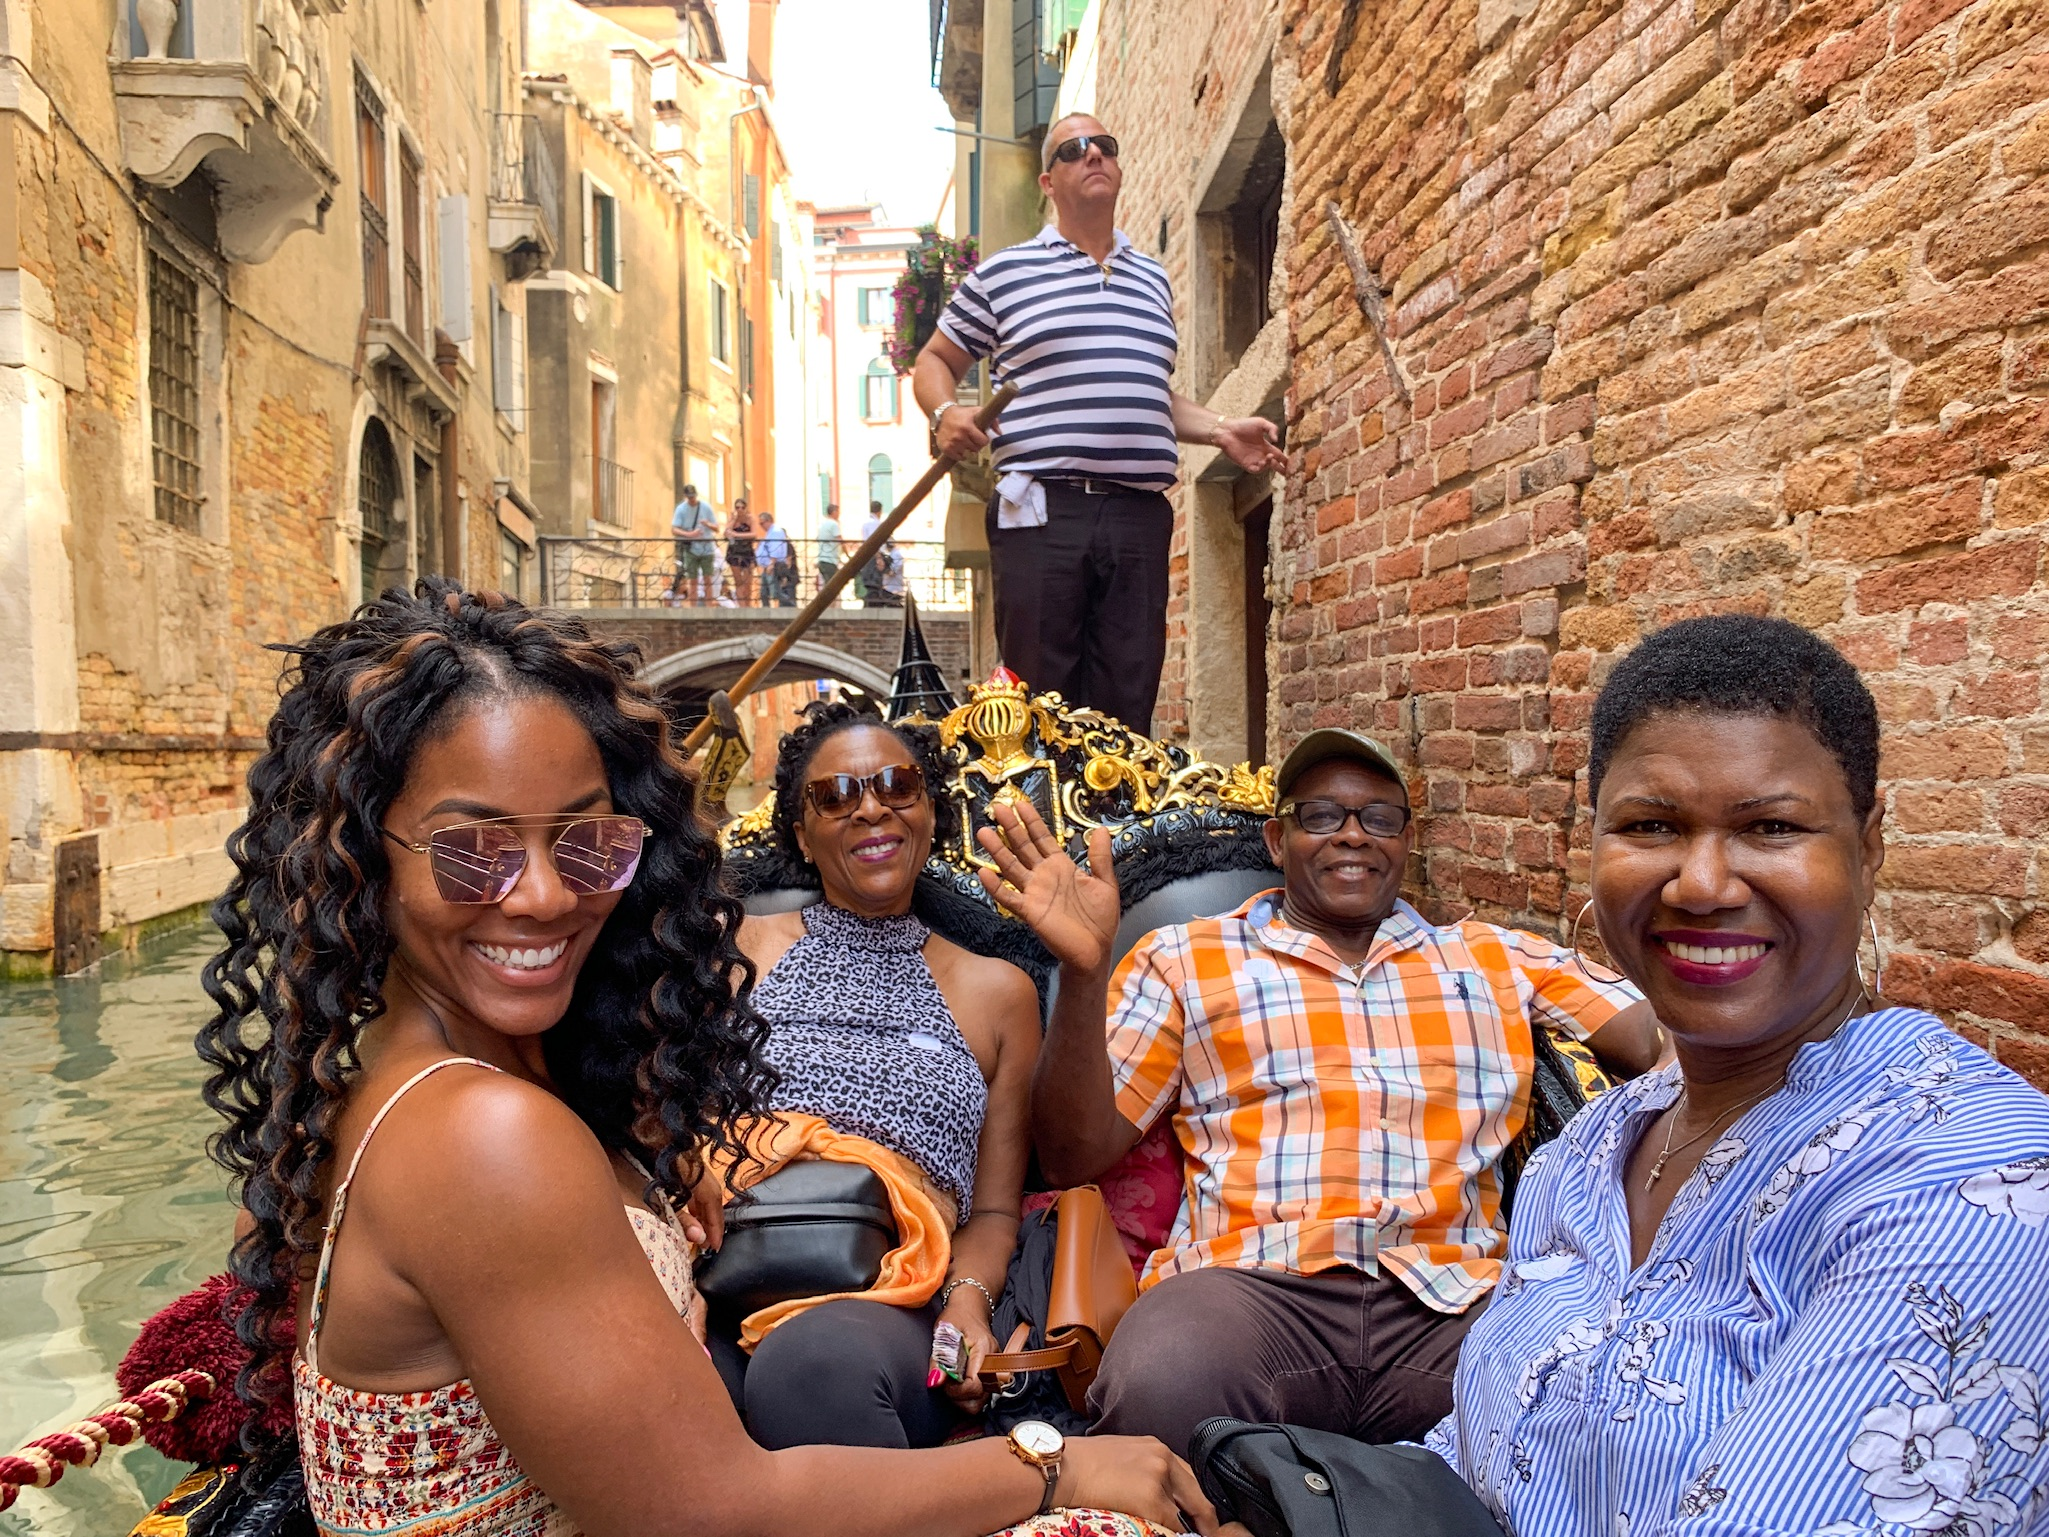 Our Gondola Ride!